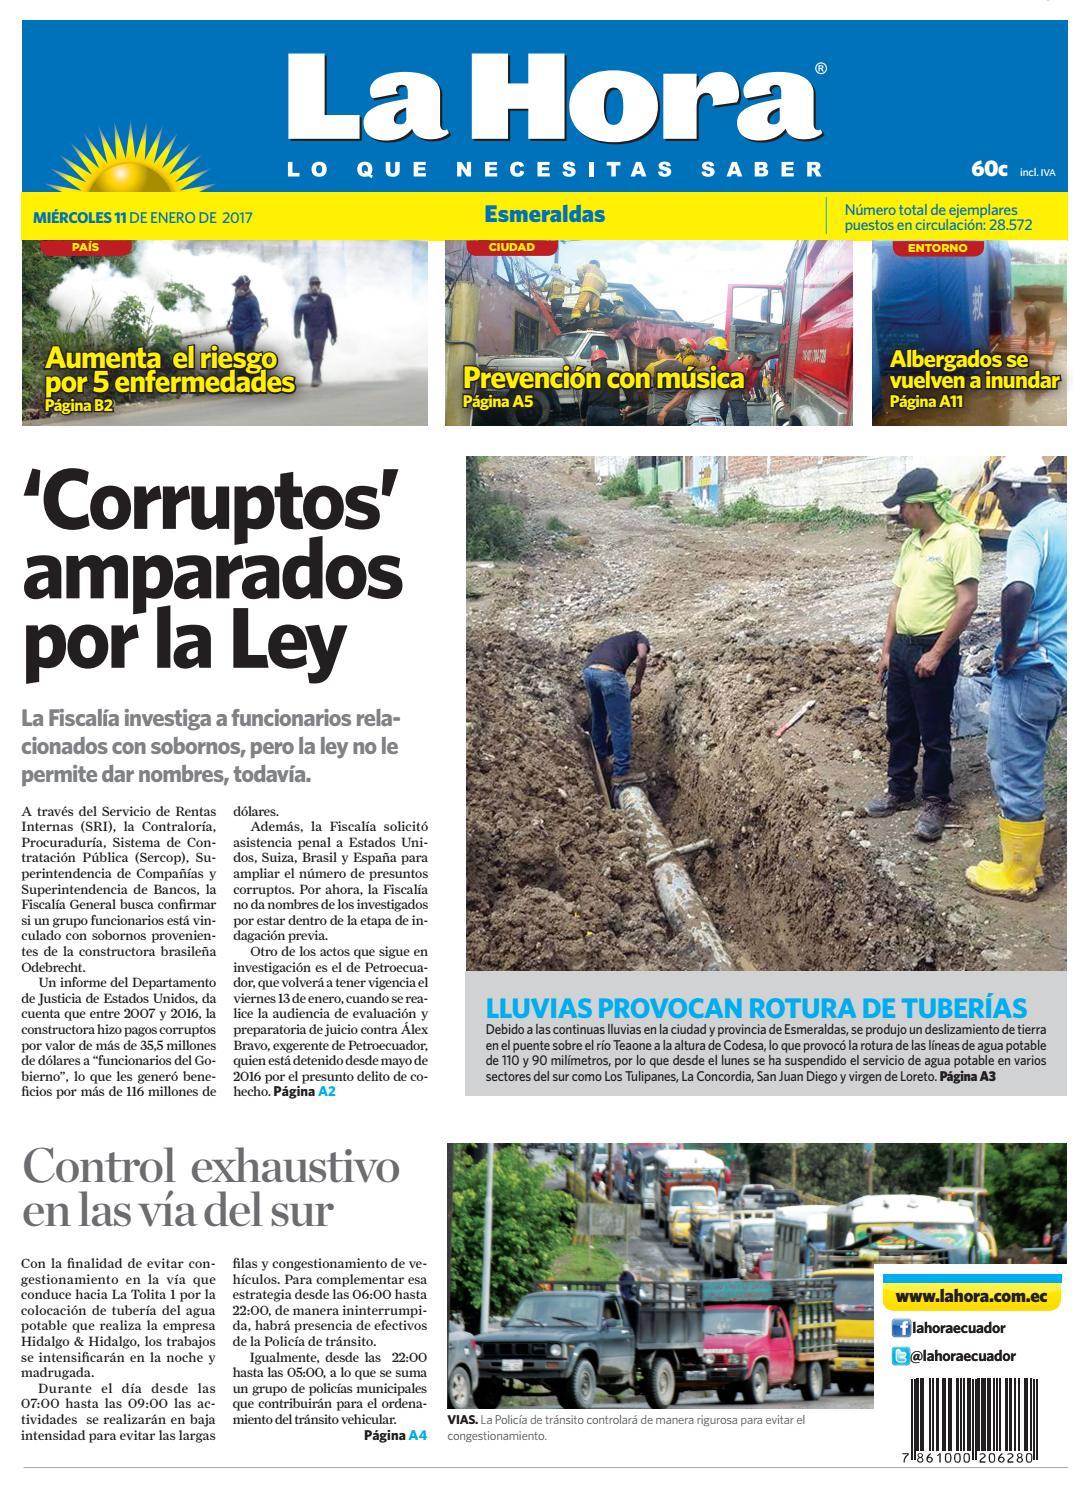 Esmeraldas 11 de enero by Diario La Hora Ecuador - issuu f0145a83d1105